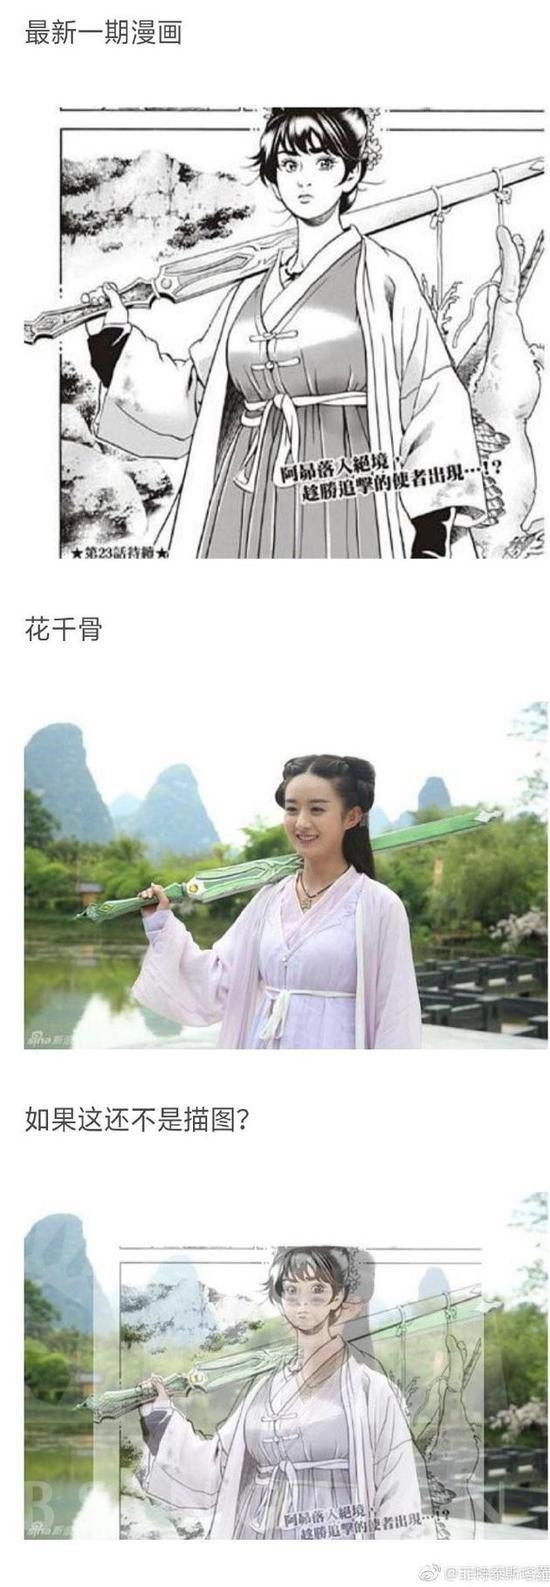 《中华小当家》被指抄袭《花千骨》 网友:照着描!